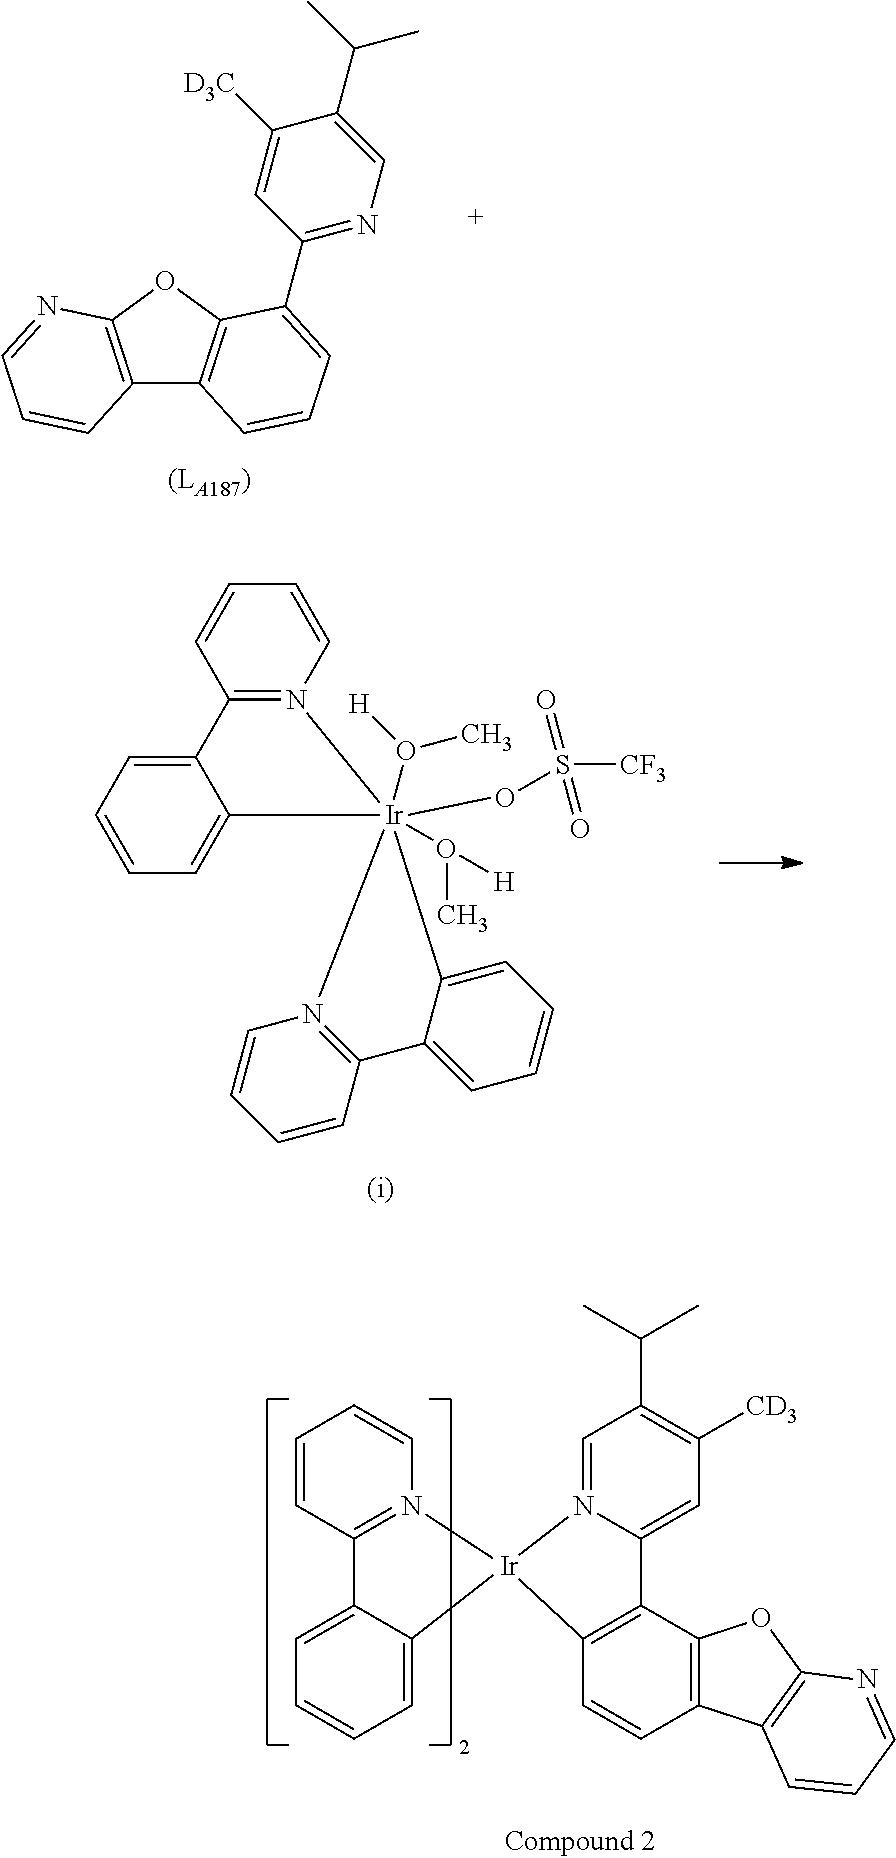 Figure US20160049599A1-20160218-C00181